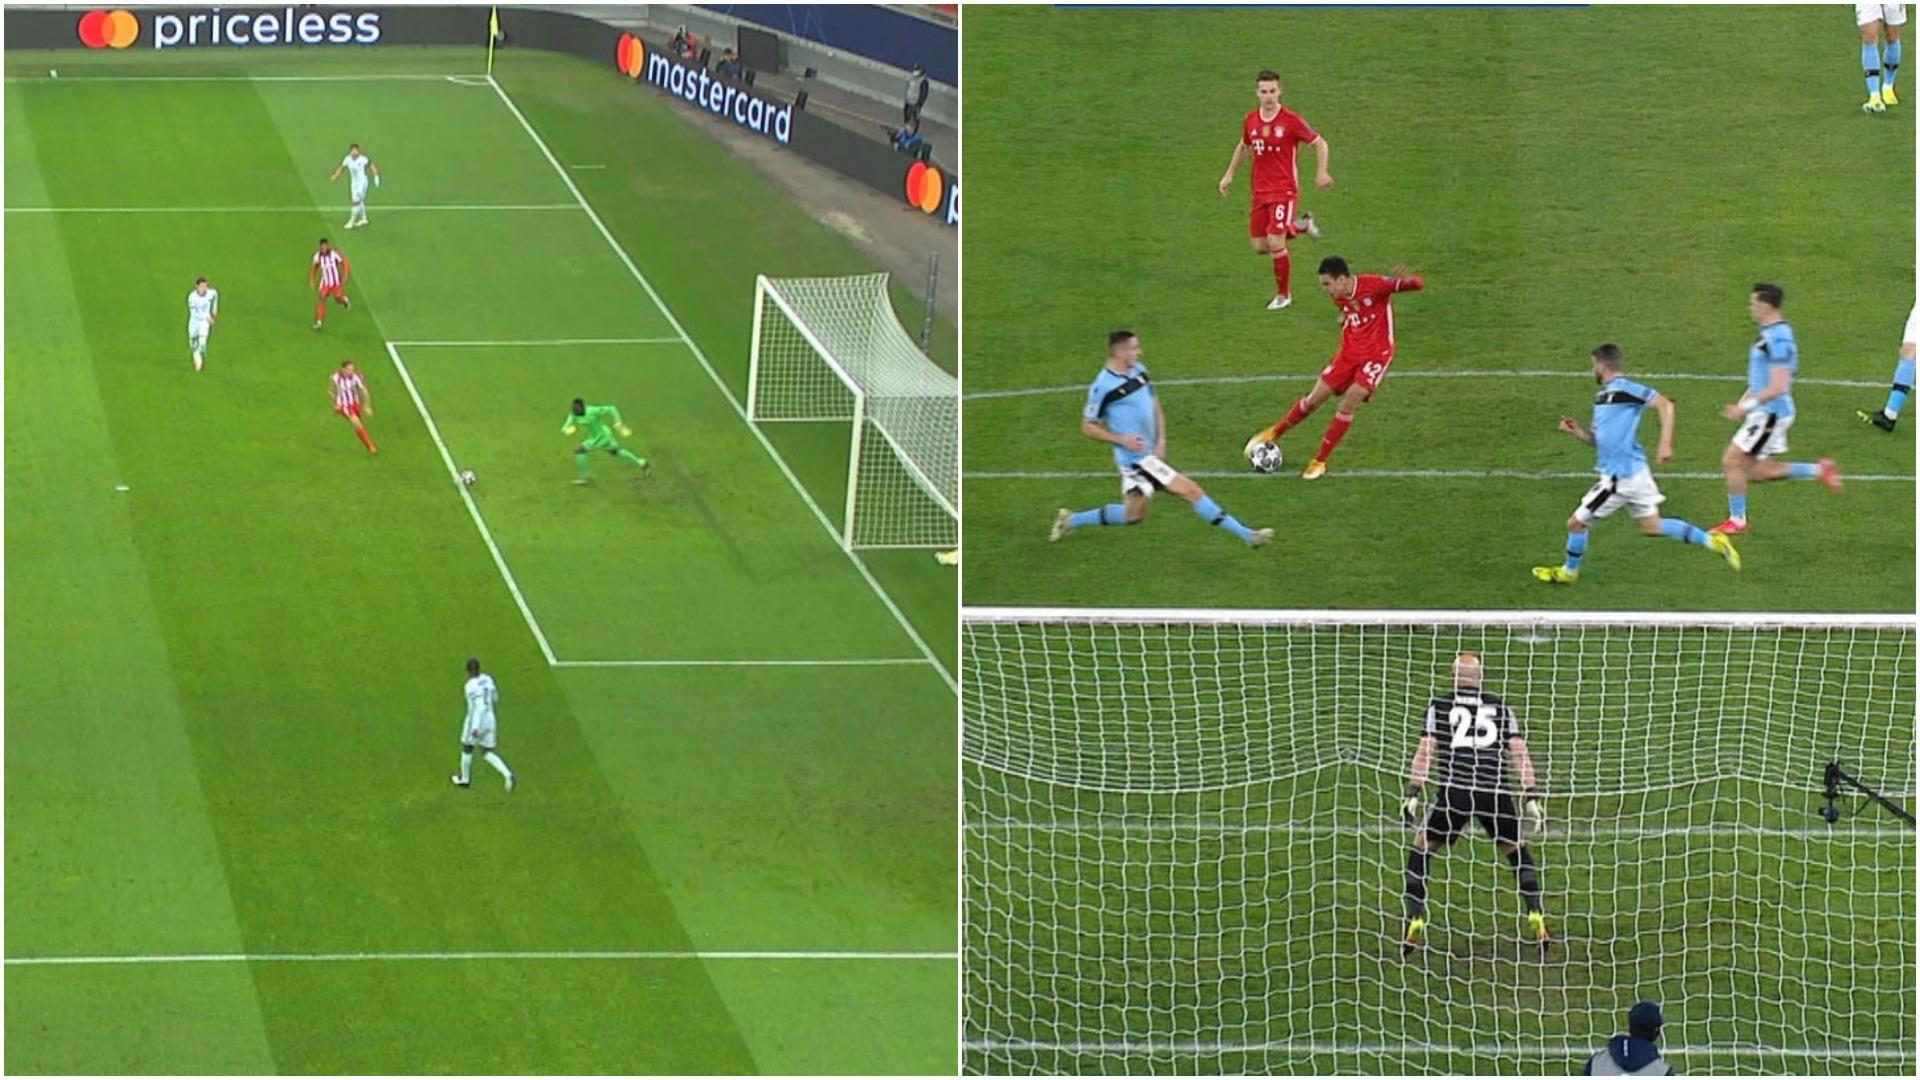 UCL, optimi | Atletico - Chelsea 0-0, la Digi Sport 1, pe Arena Națională şi Lazio - Bayern 0-3, la Digi Sport 2